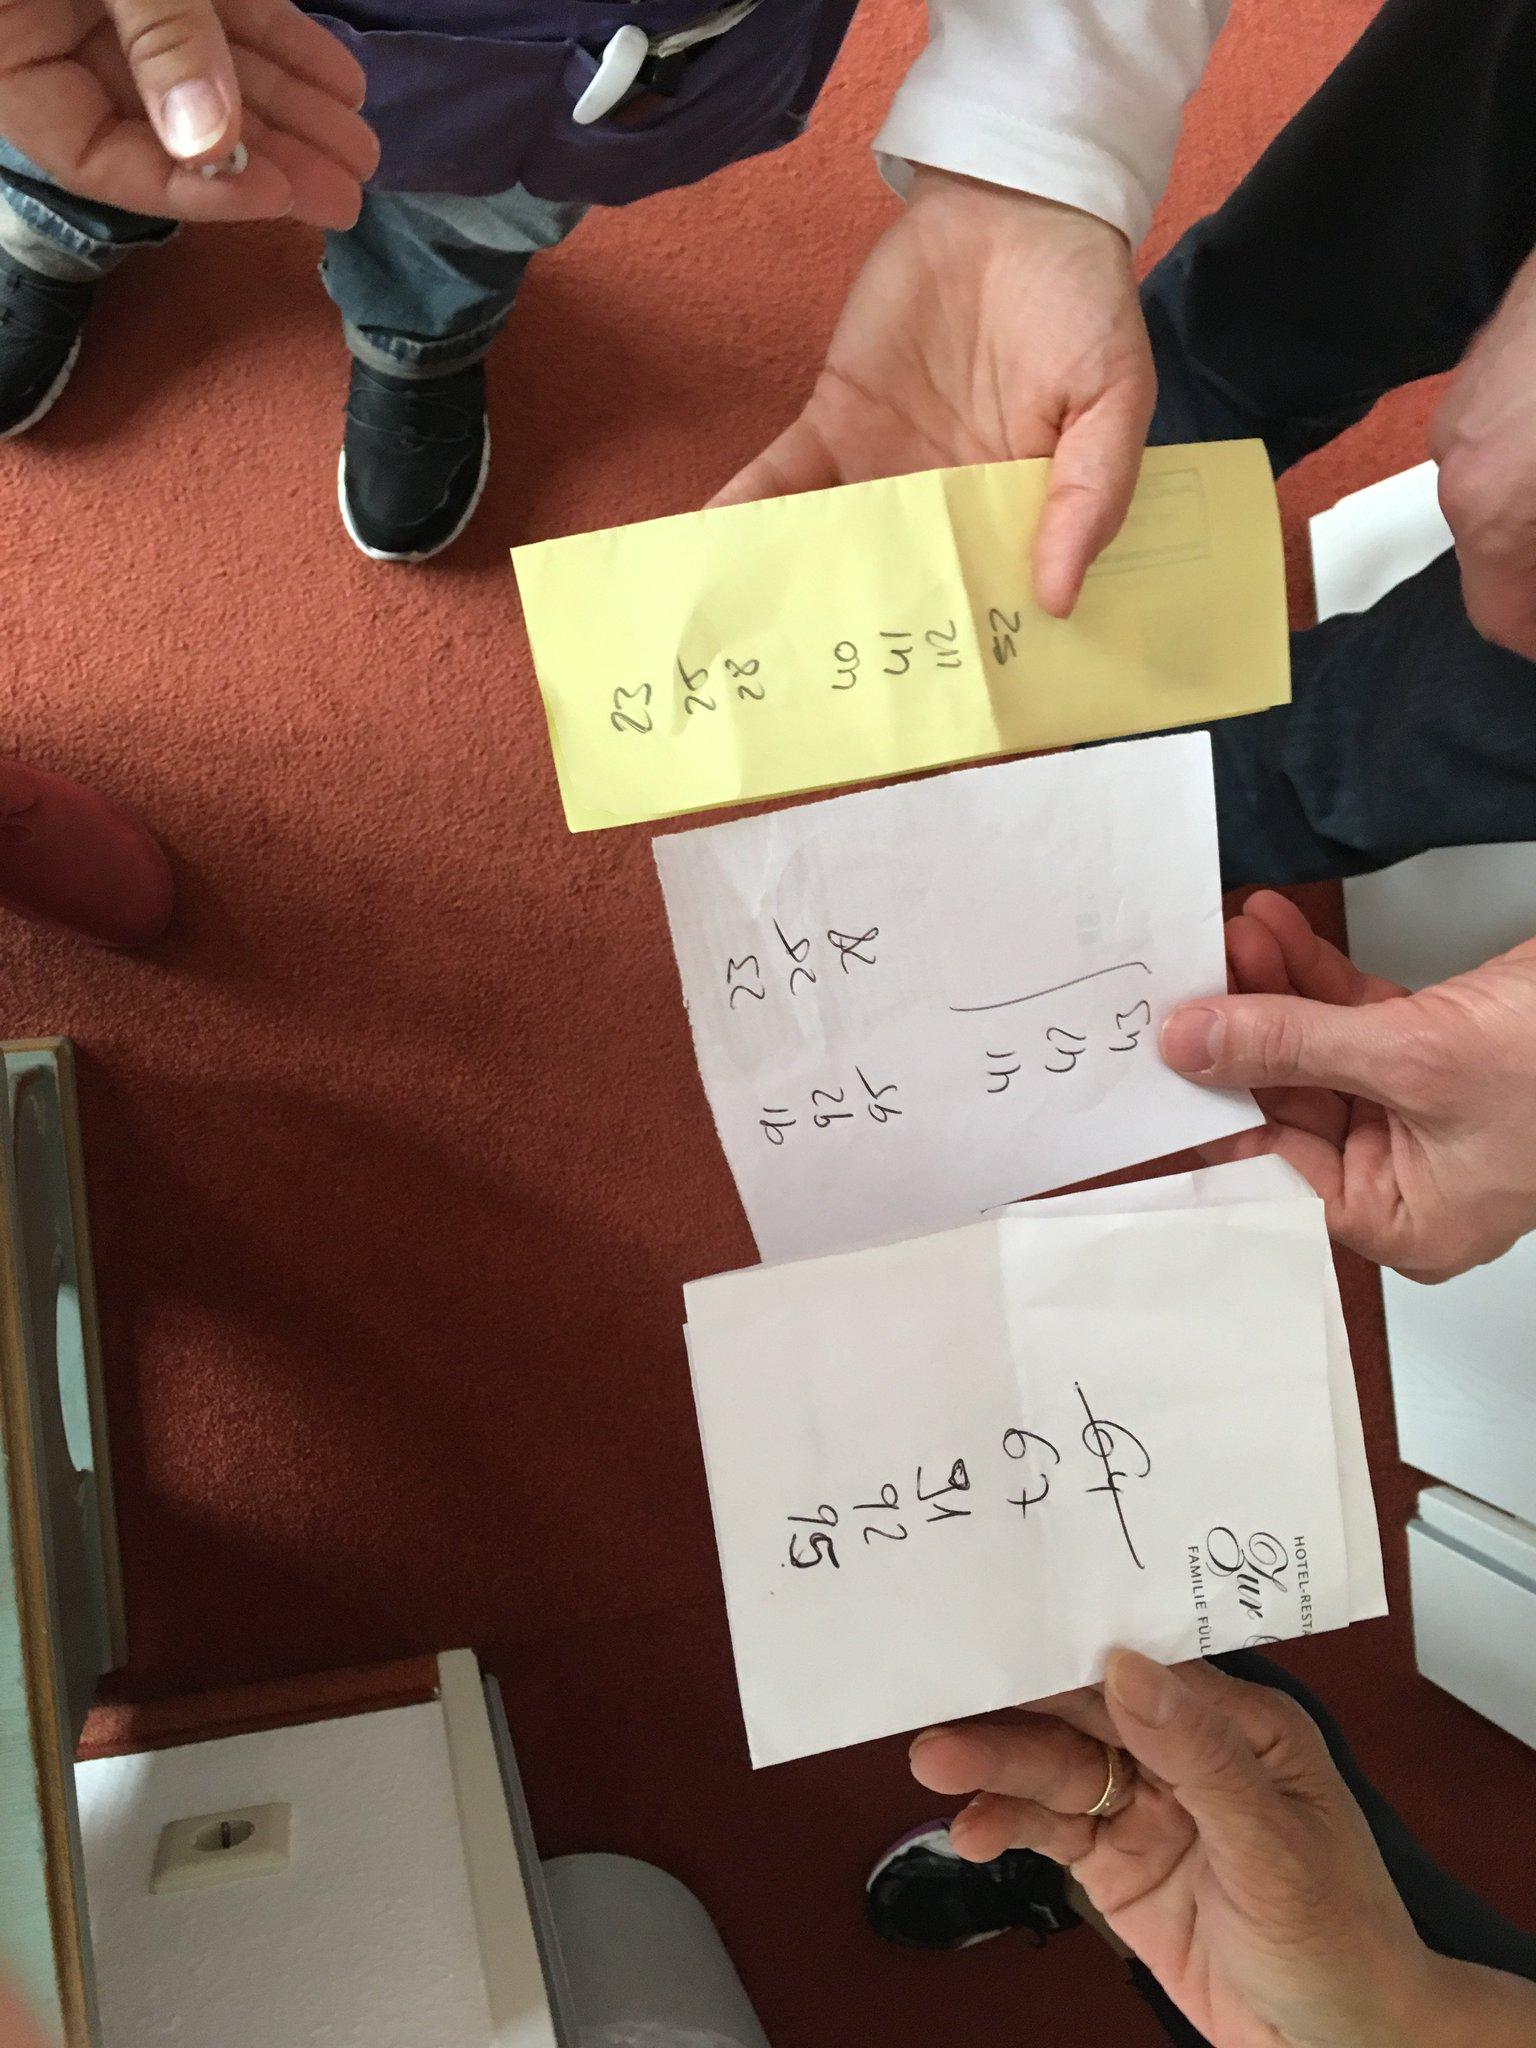 Heute stehen Hotelzimmerfotos auf dem Programm. Wir spielen Zummernummern-Lotto #meurers #hotelzurpost https://t.co/DyIPu1VVUd